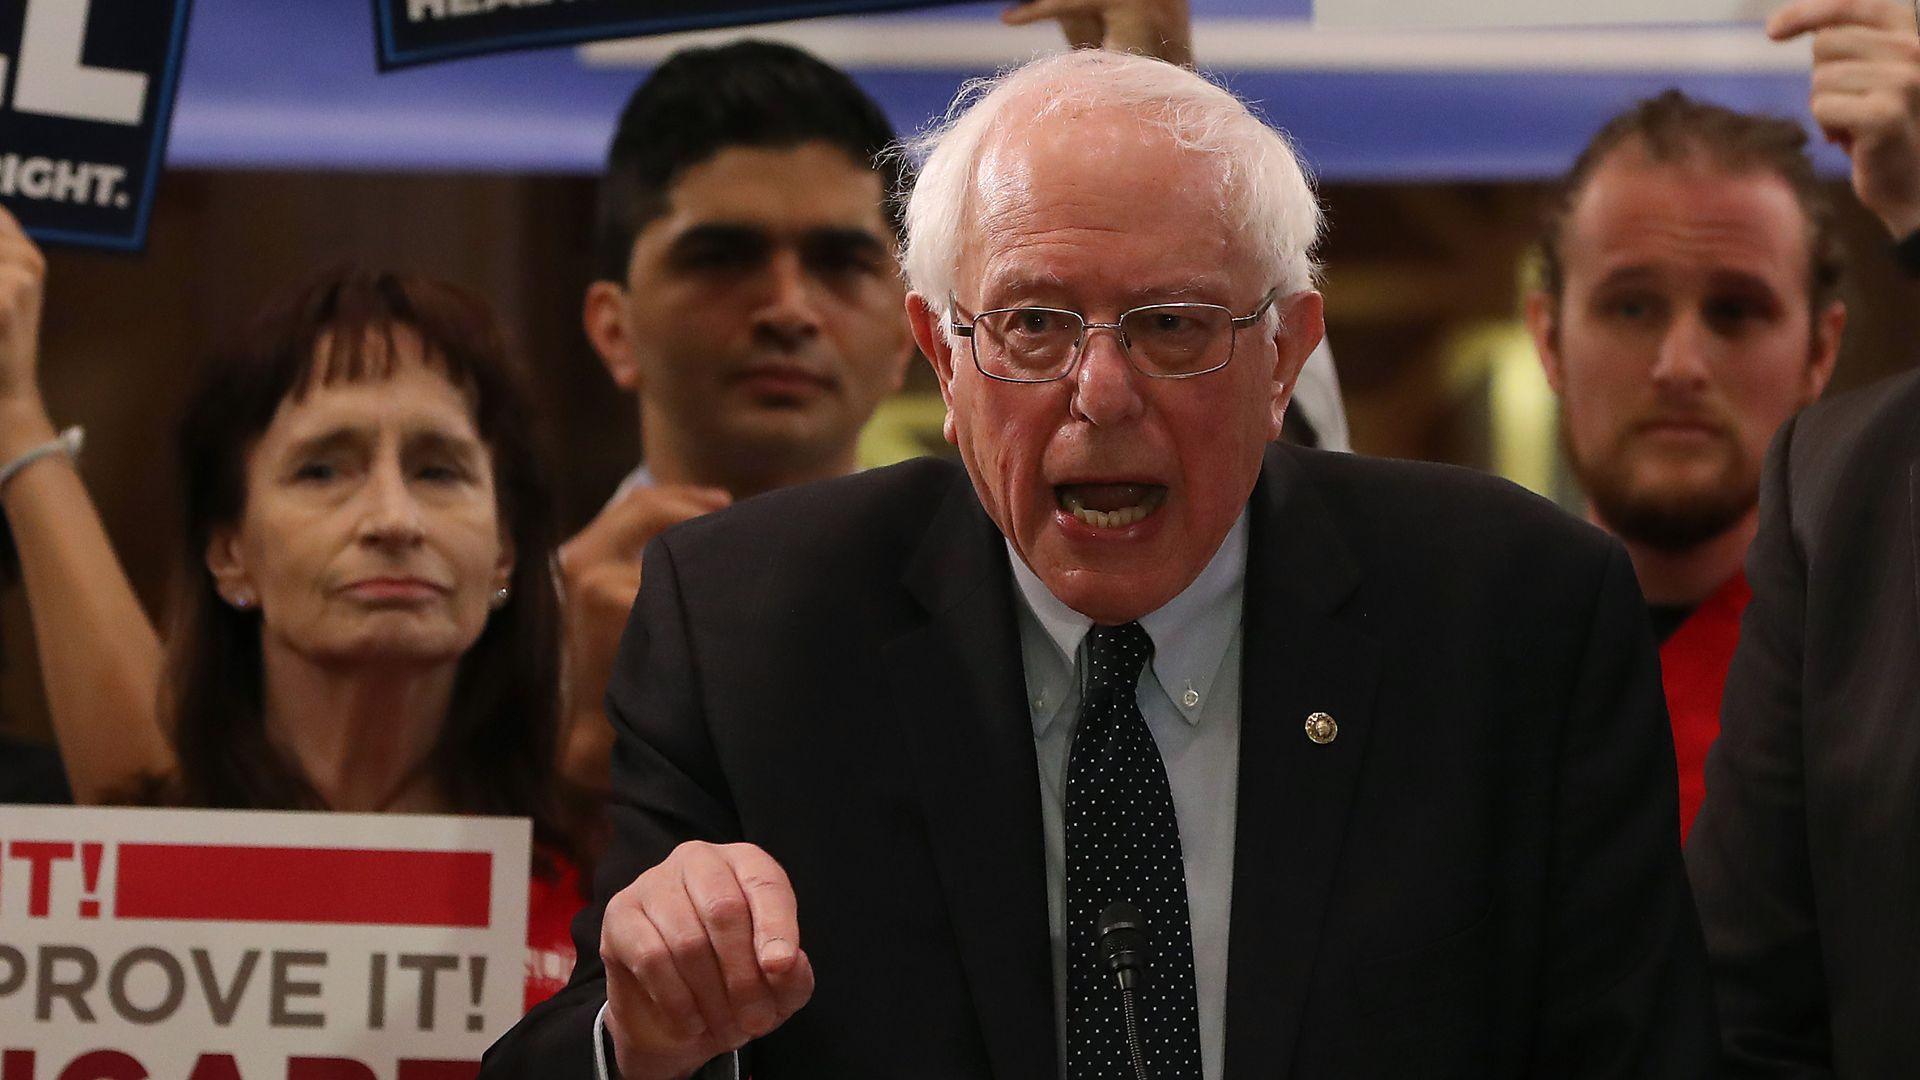 Sen. Bernie Sanders speaking about Medicare